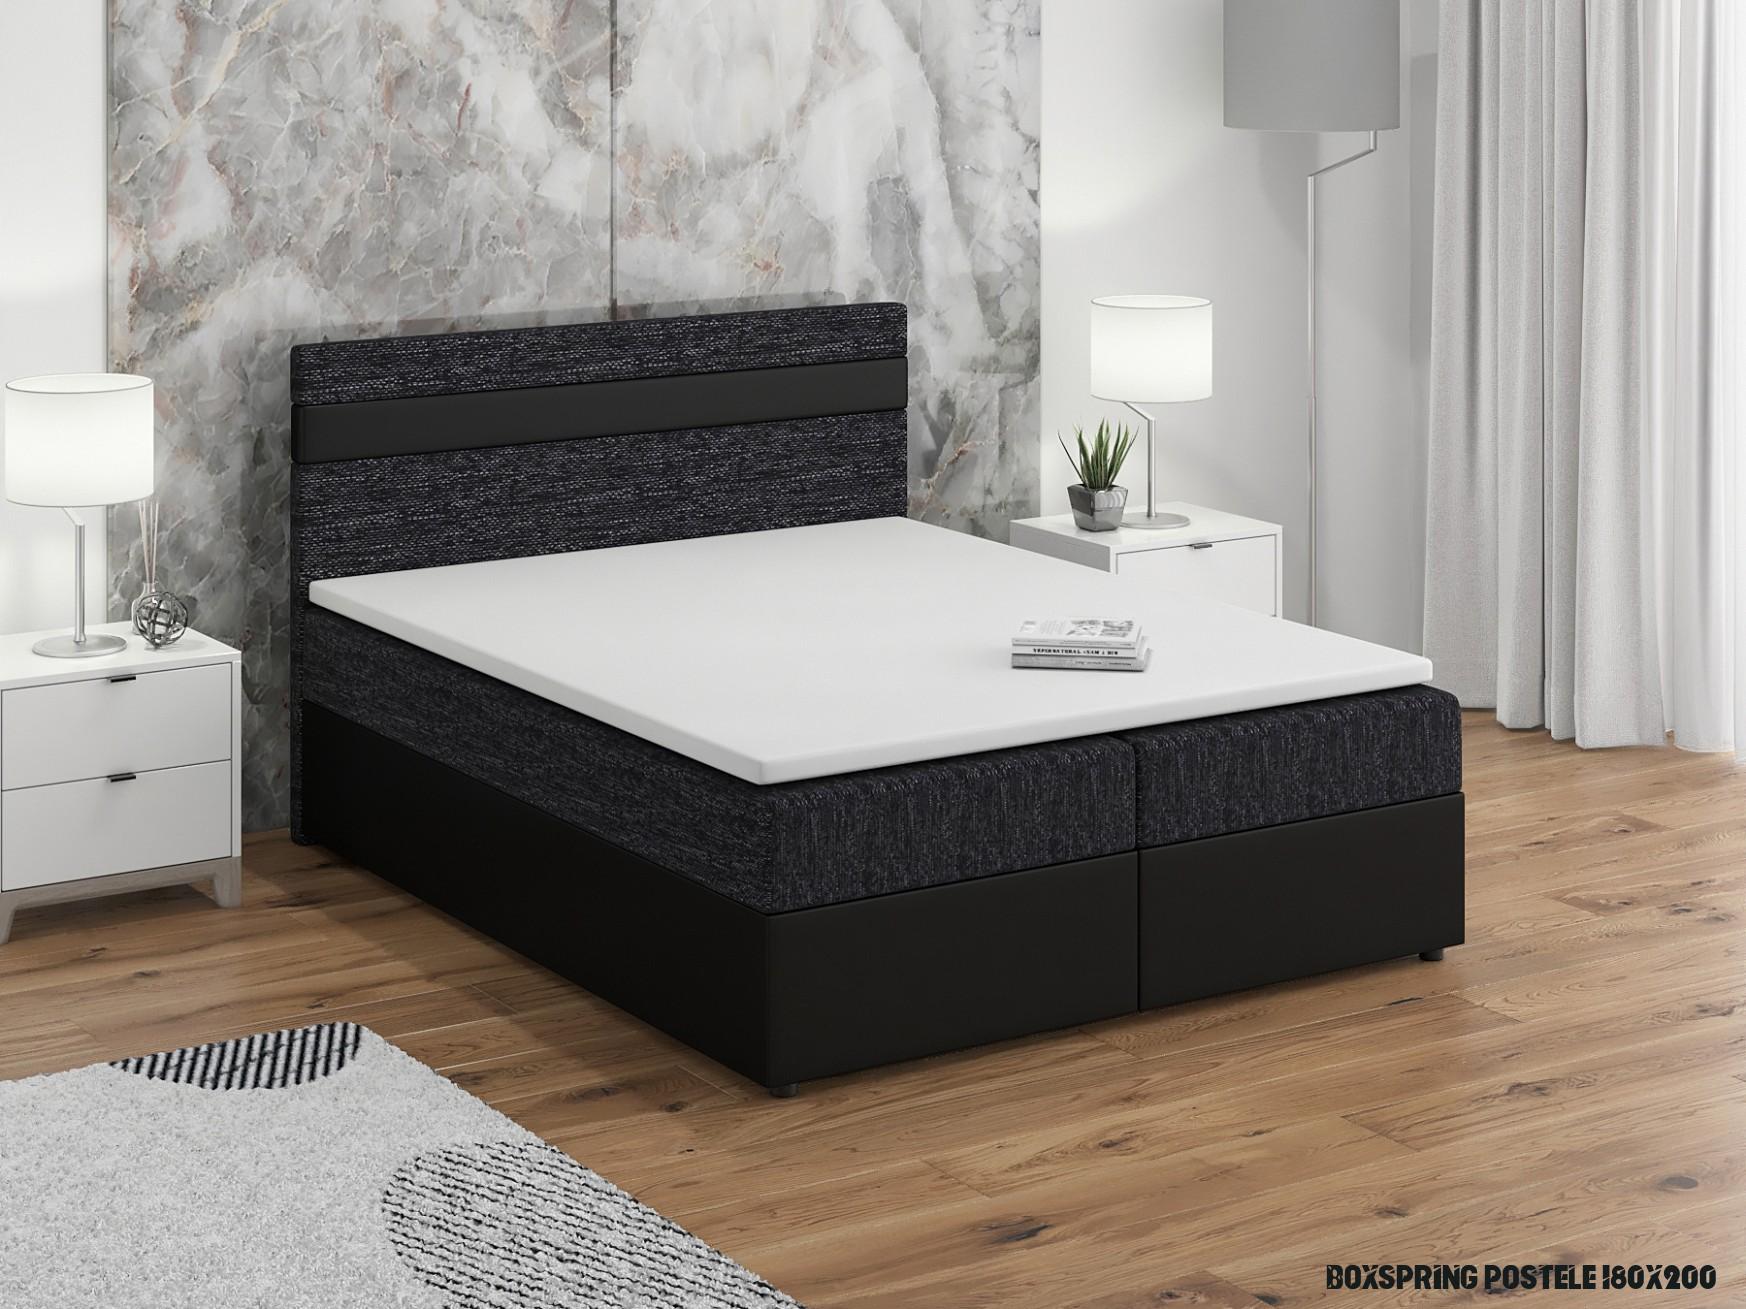 Manželská posteľ Boxspring 19x19 cm Mimosa (s roštom a matracom) (čierna  + čierna)  NovýNábytok.sk